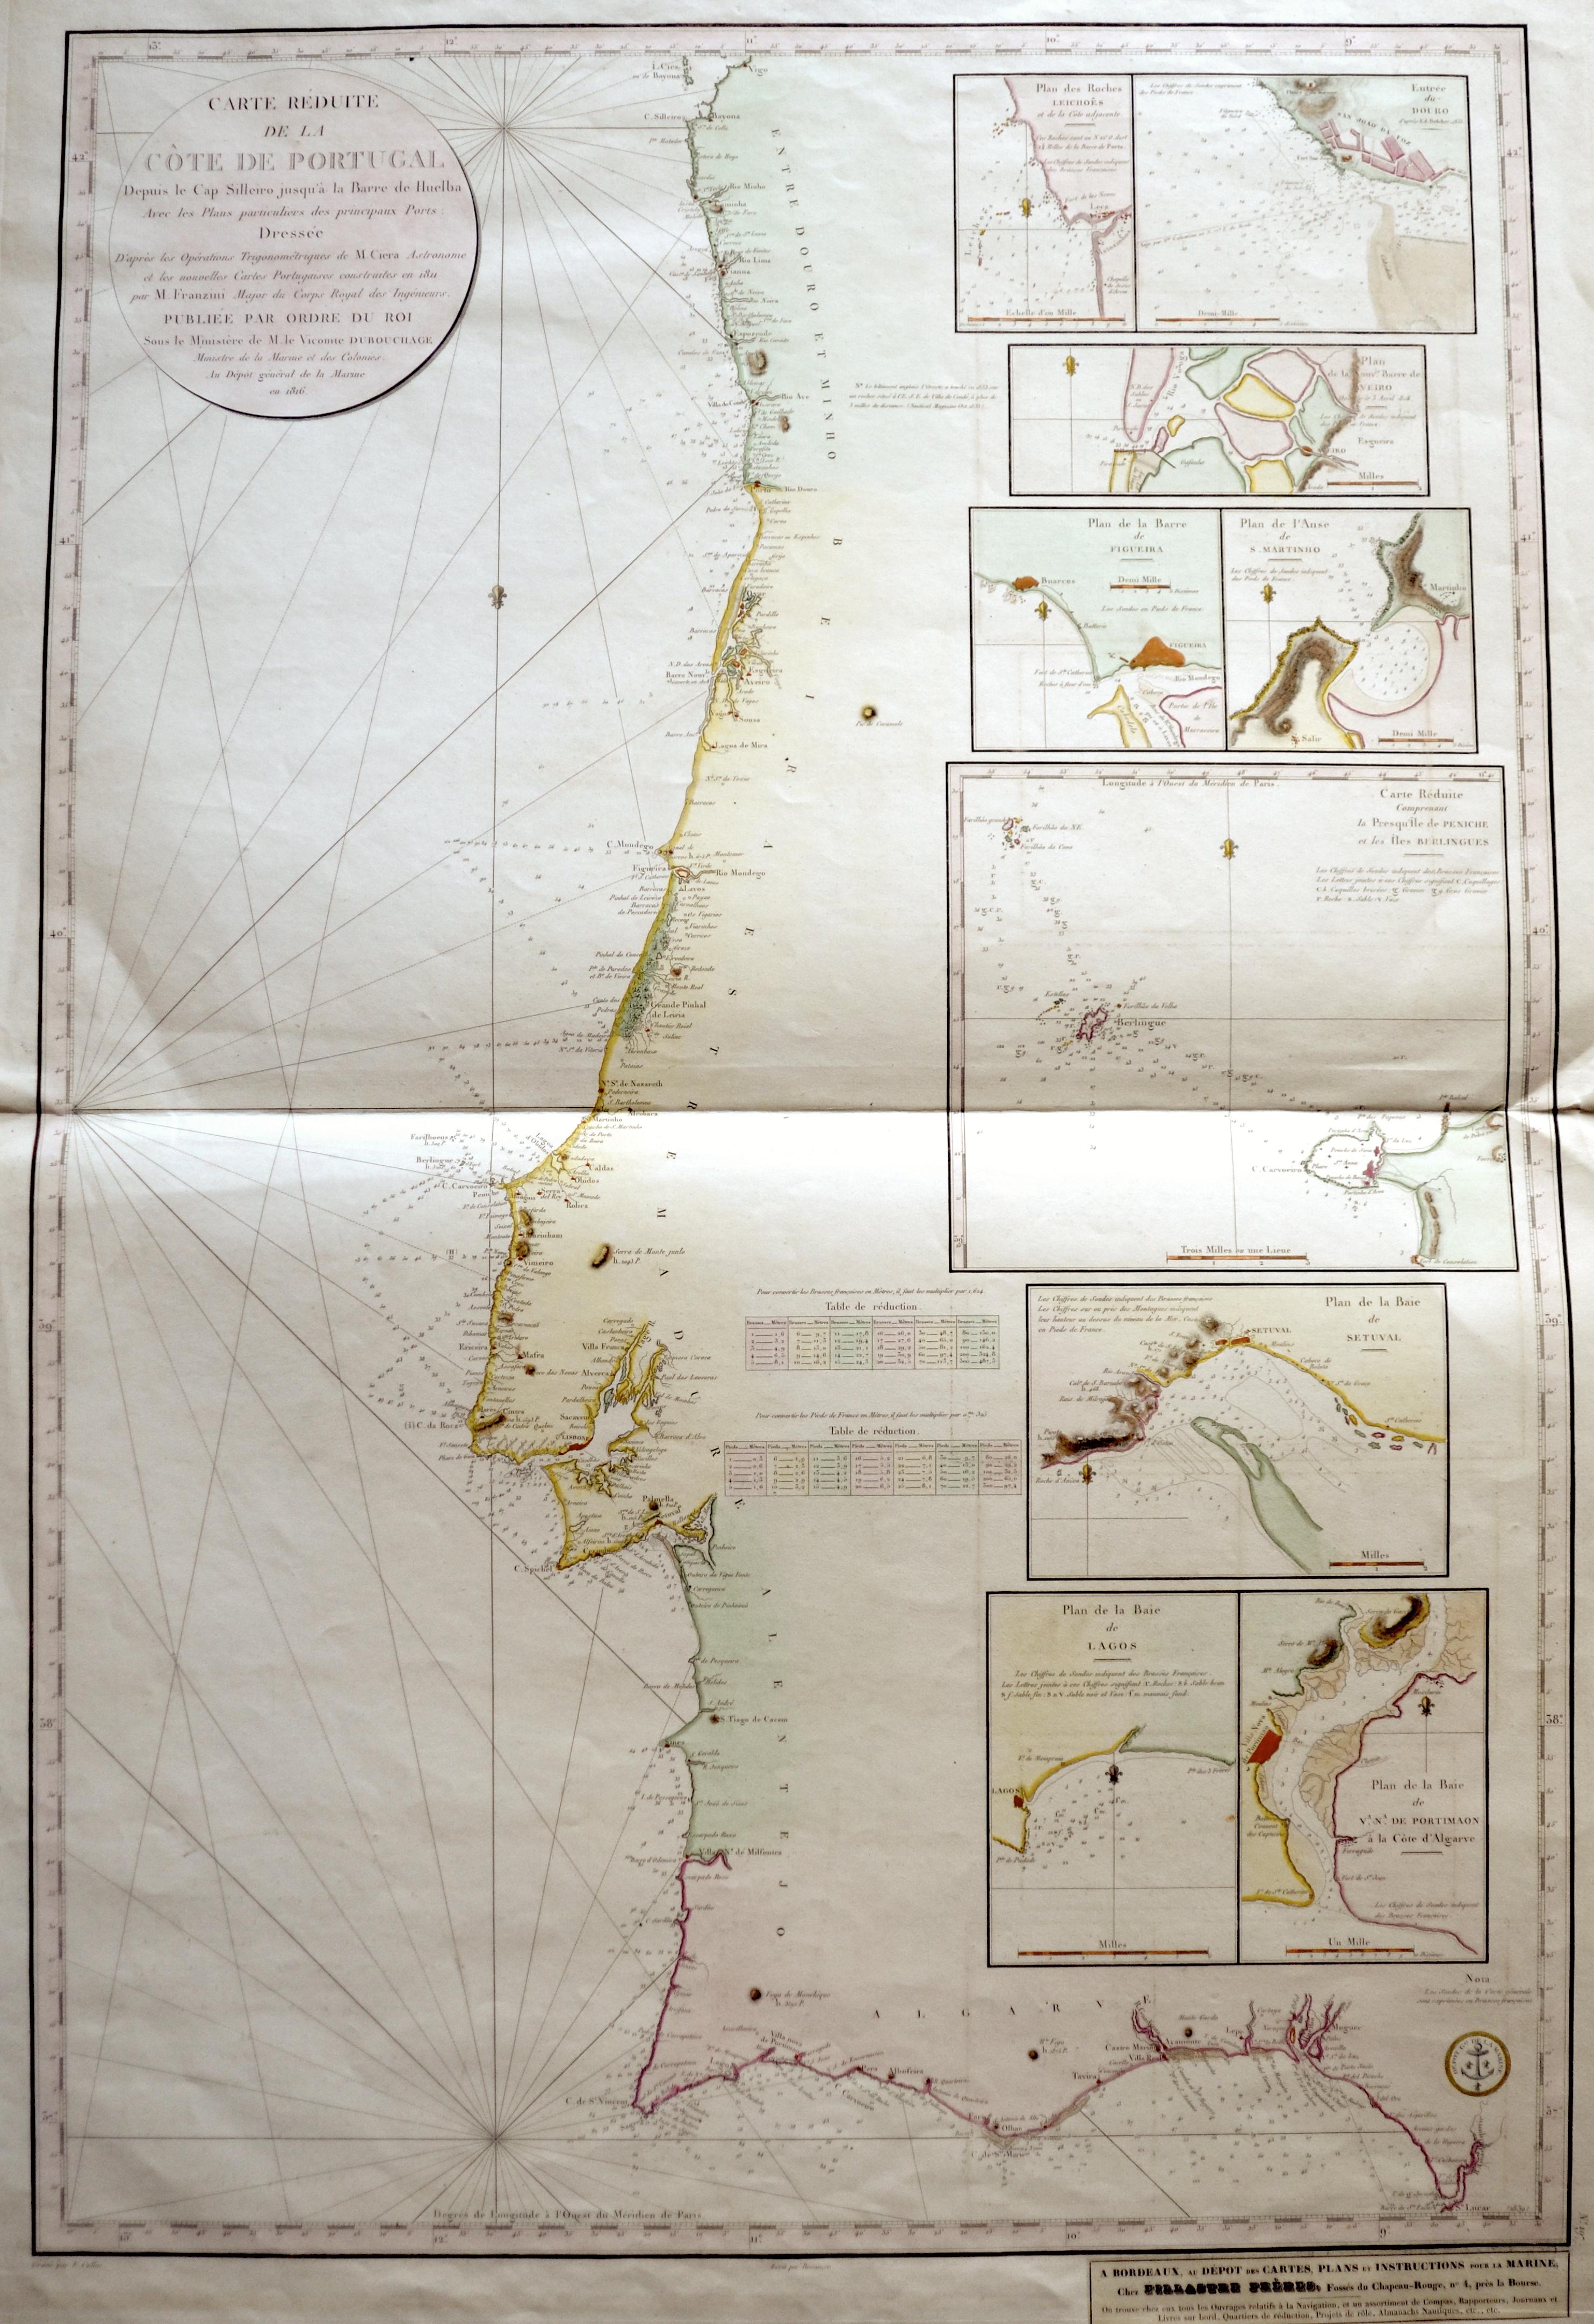 Depo de la Marine  Carte Réduite de la Còte de Portugal